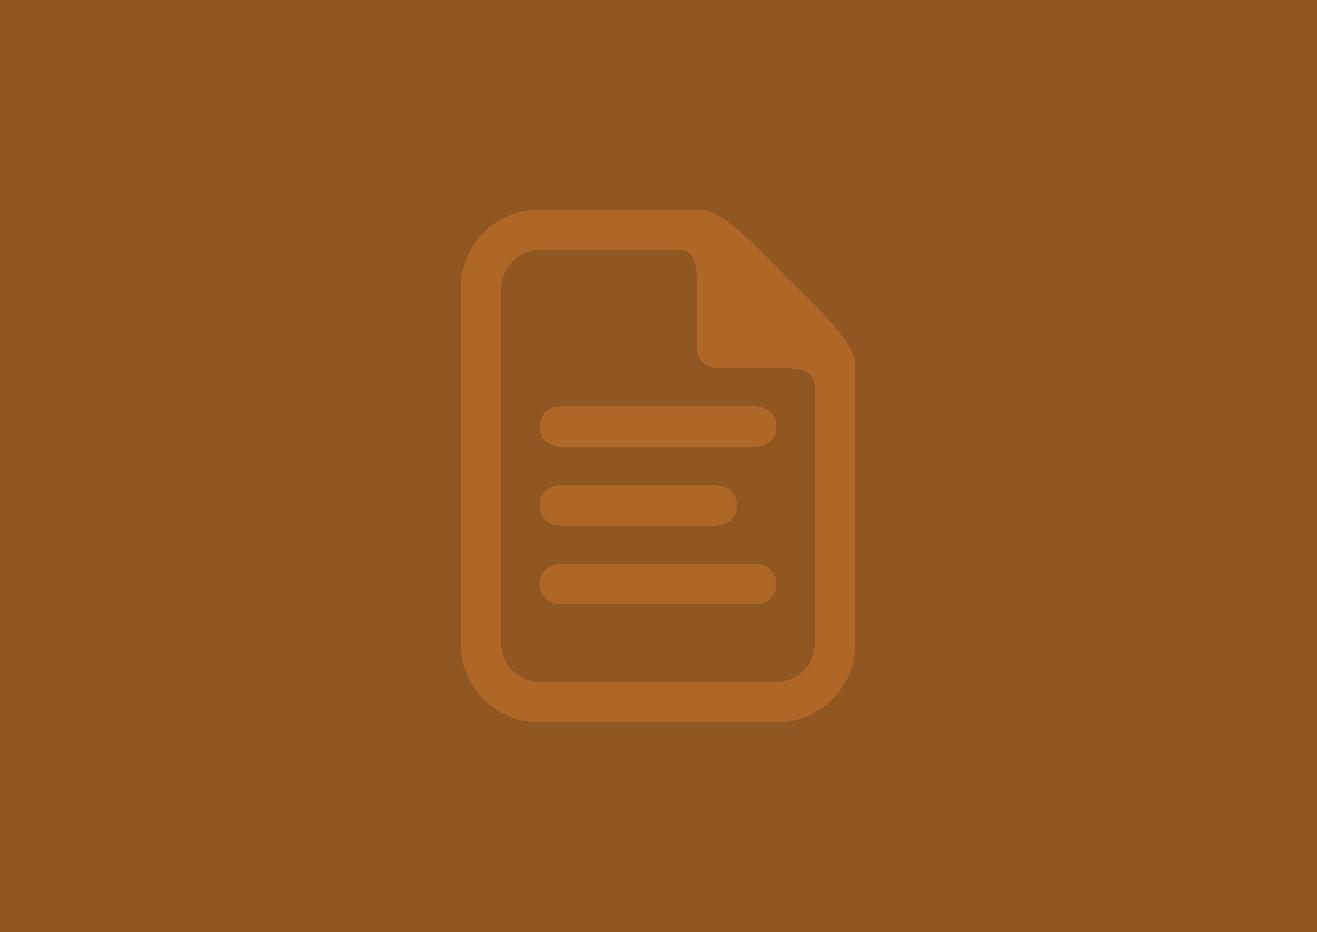 Documenti occorrenti per il rilascio del porto d armi - Porta d armi uso sportivo ...